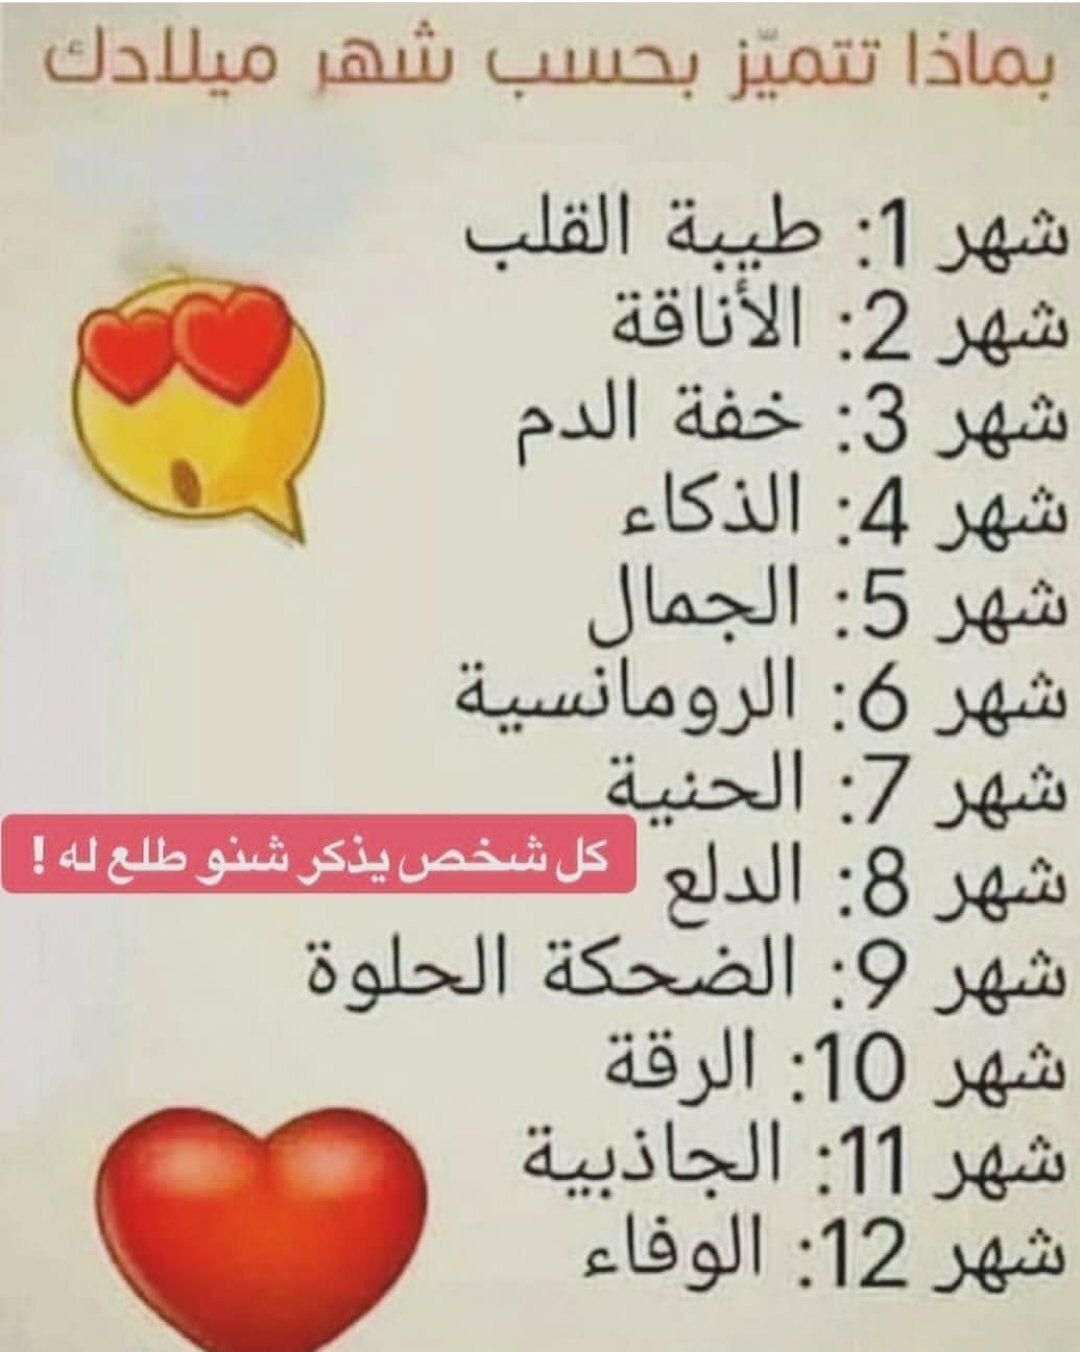 صفة سريعة لكل برج من الأبراج برج الجوزاء برج الحمل برج الميزان برج الثور برج العقرب برج الحوت برج الأسد Personality Types Personality 10 Things